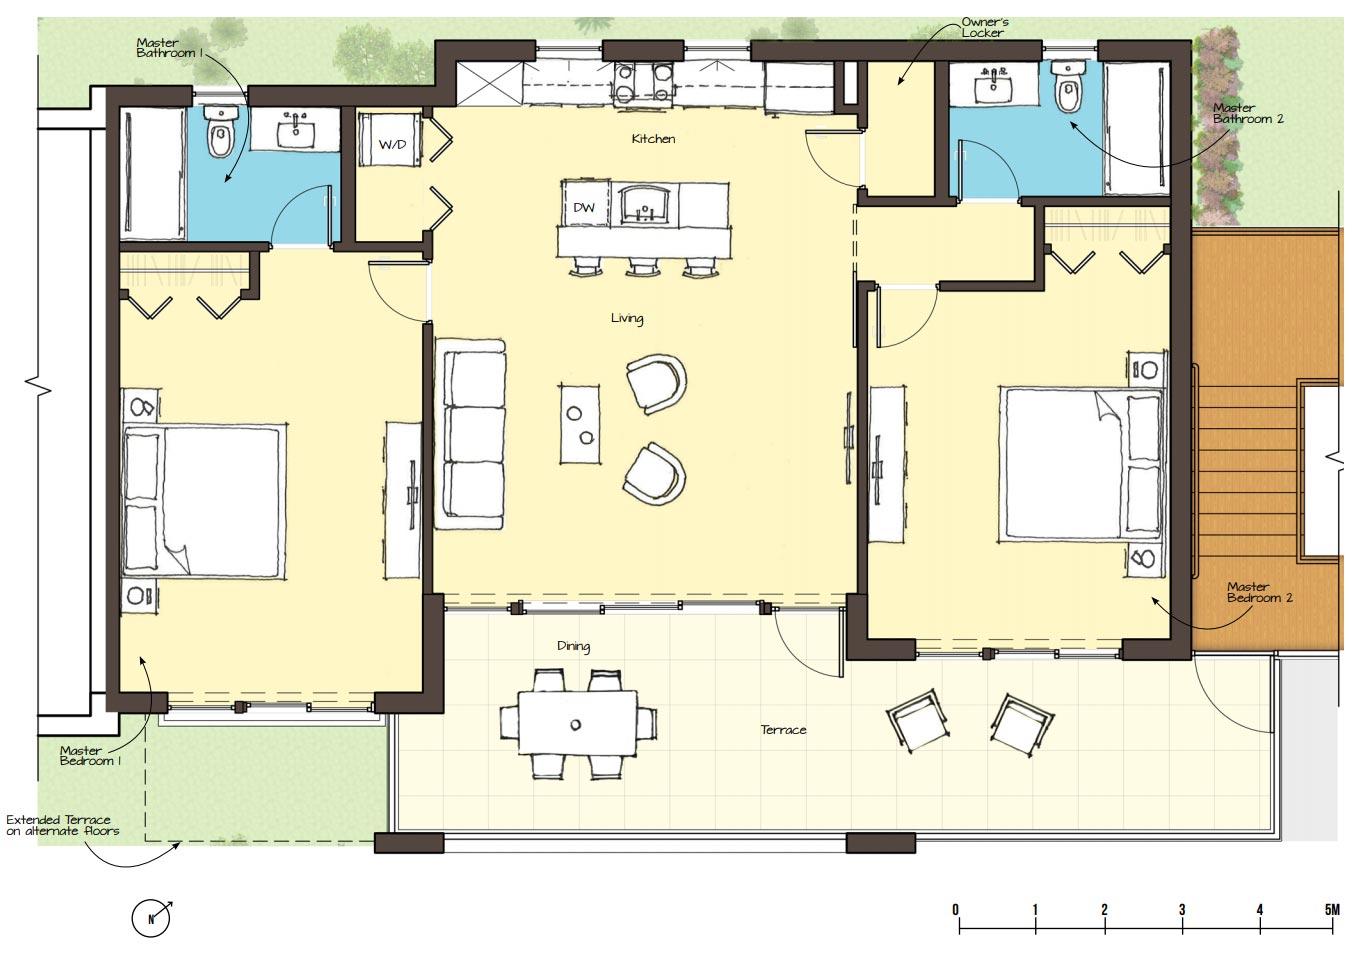 Indigo Green Two Bedroom Condo Floor Plan